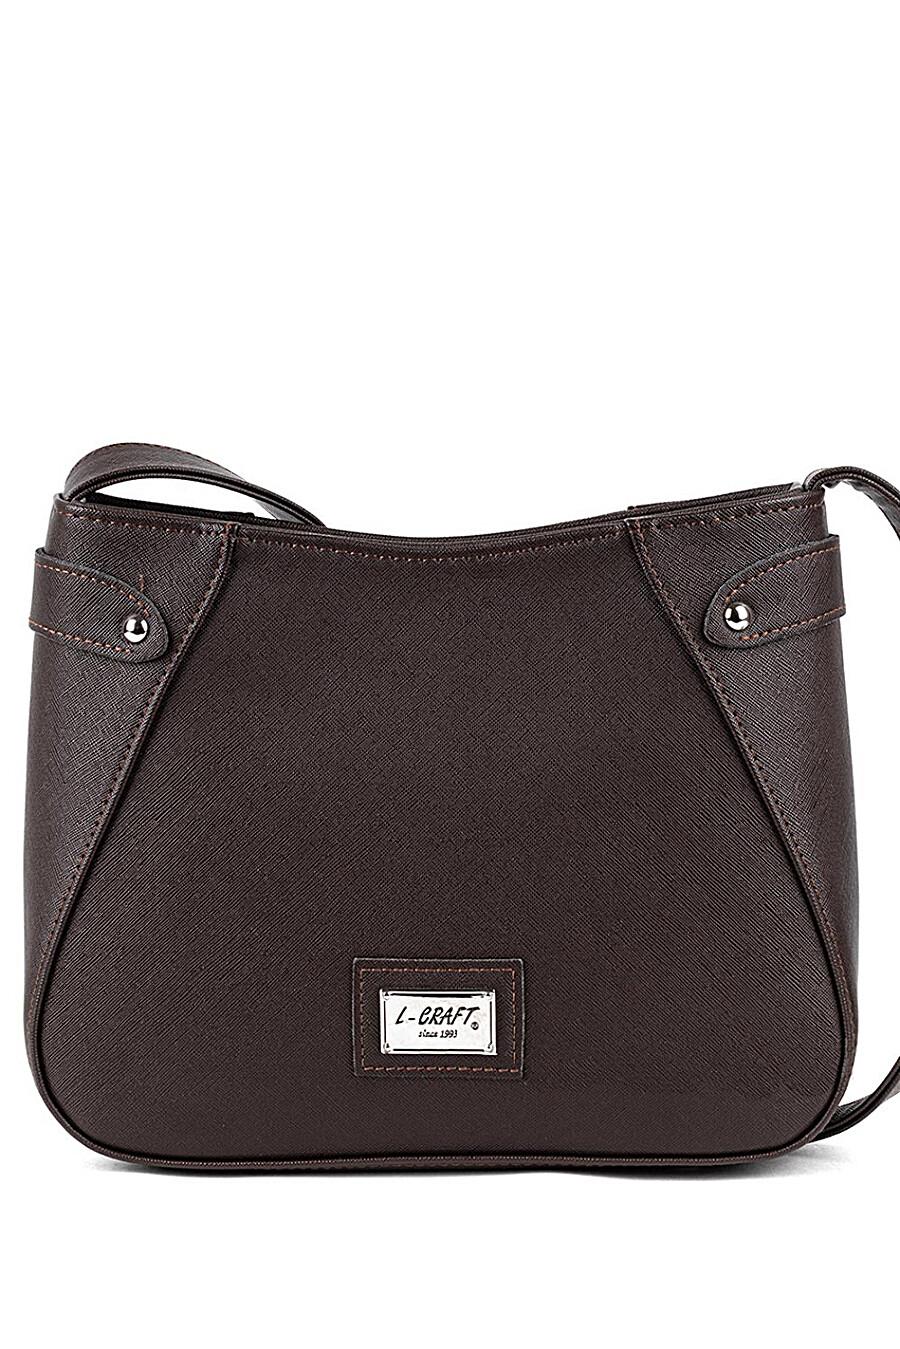 Сумка для женщин L-CRAFT 260405 купить оптом от производителя. Совместная покупка женской одежды в OptMoyo